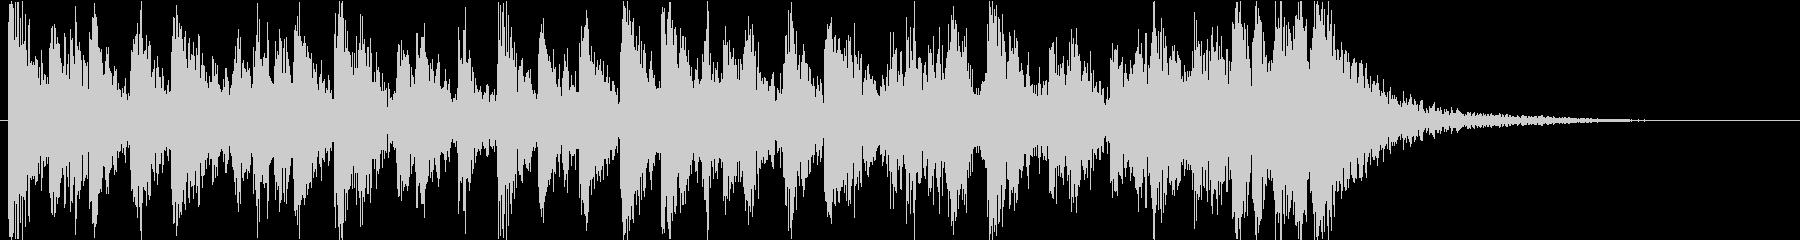 激しく躍動感たっぷりな太鼓です 12sの未再生の波形